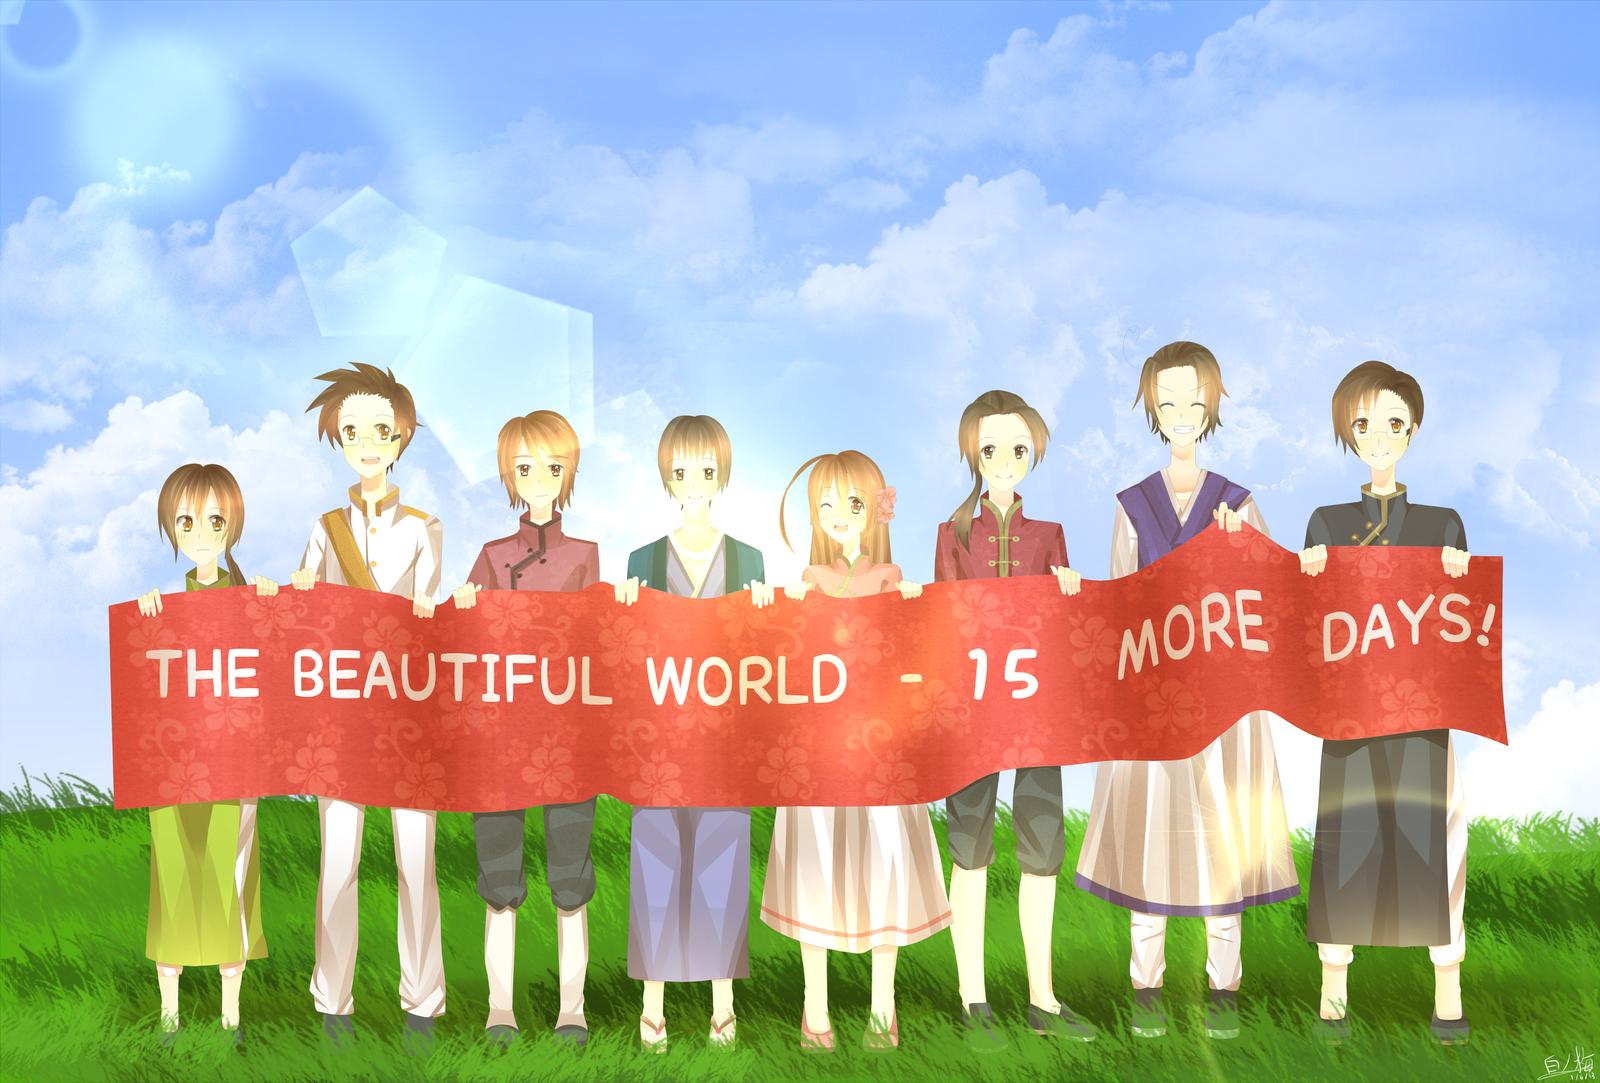 The Beautiful World - 15 More Days! by oishiipuddii